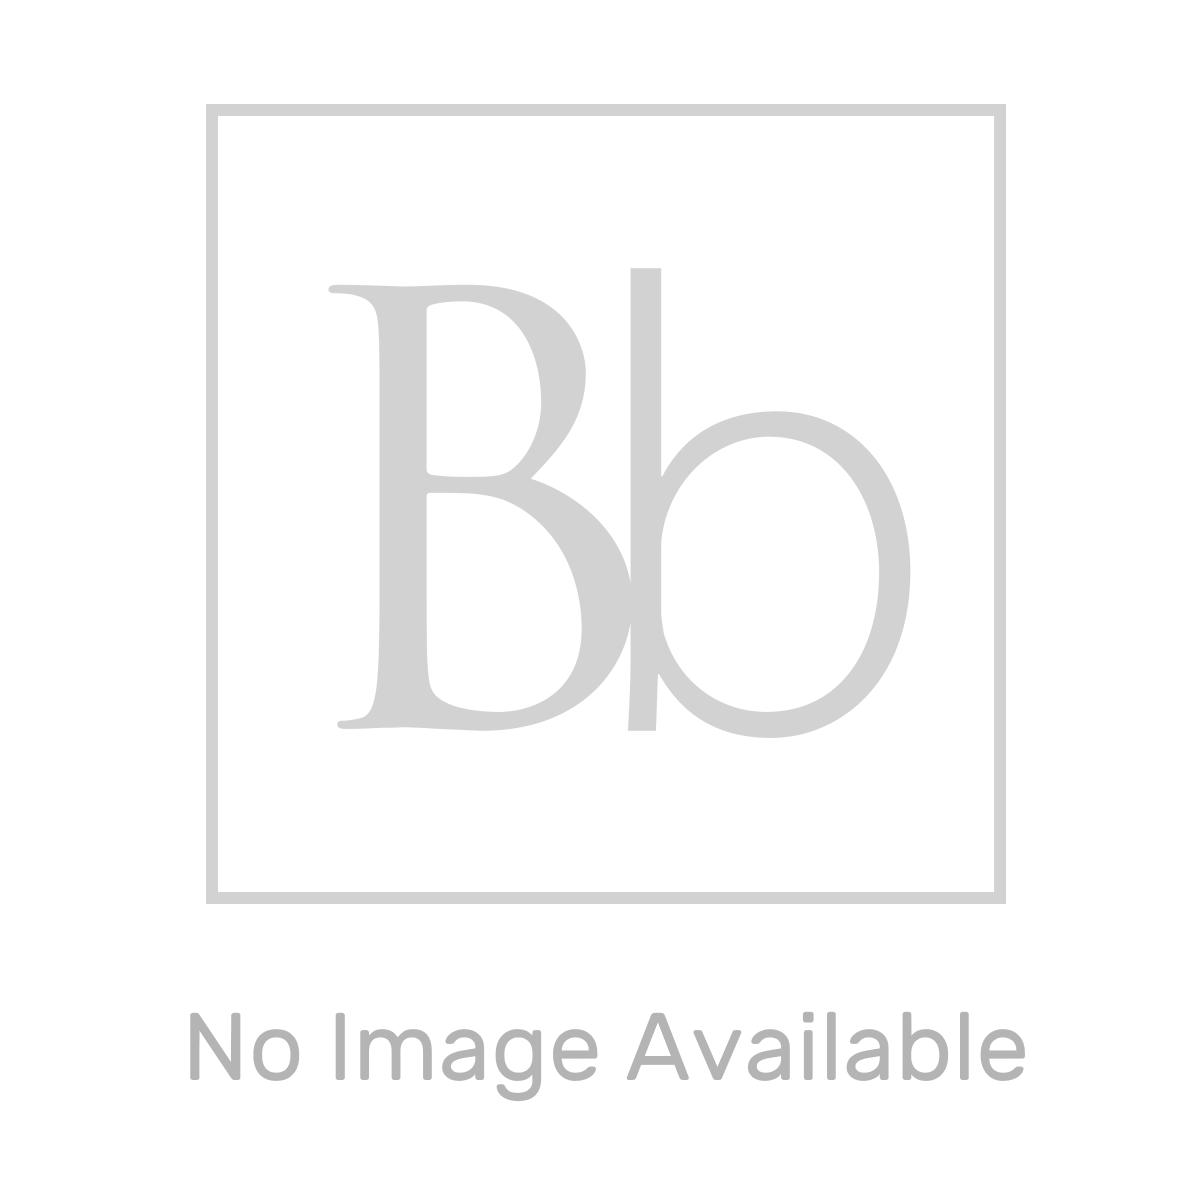 Burlington Harewood Freestanding Slipper Bath 1700mm